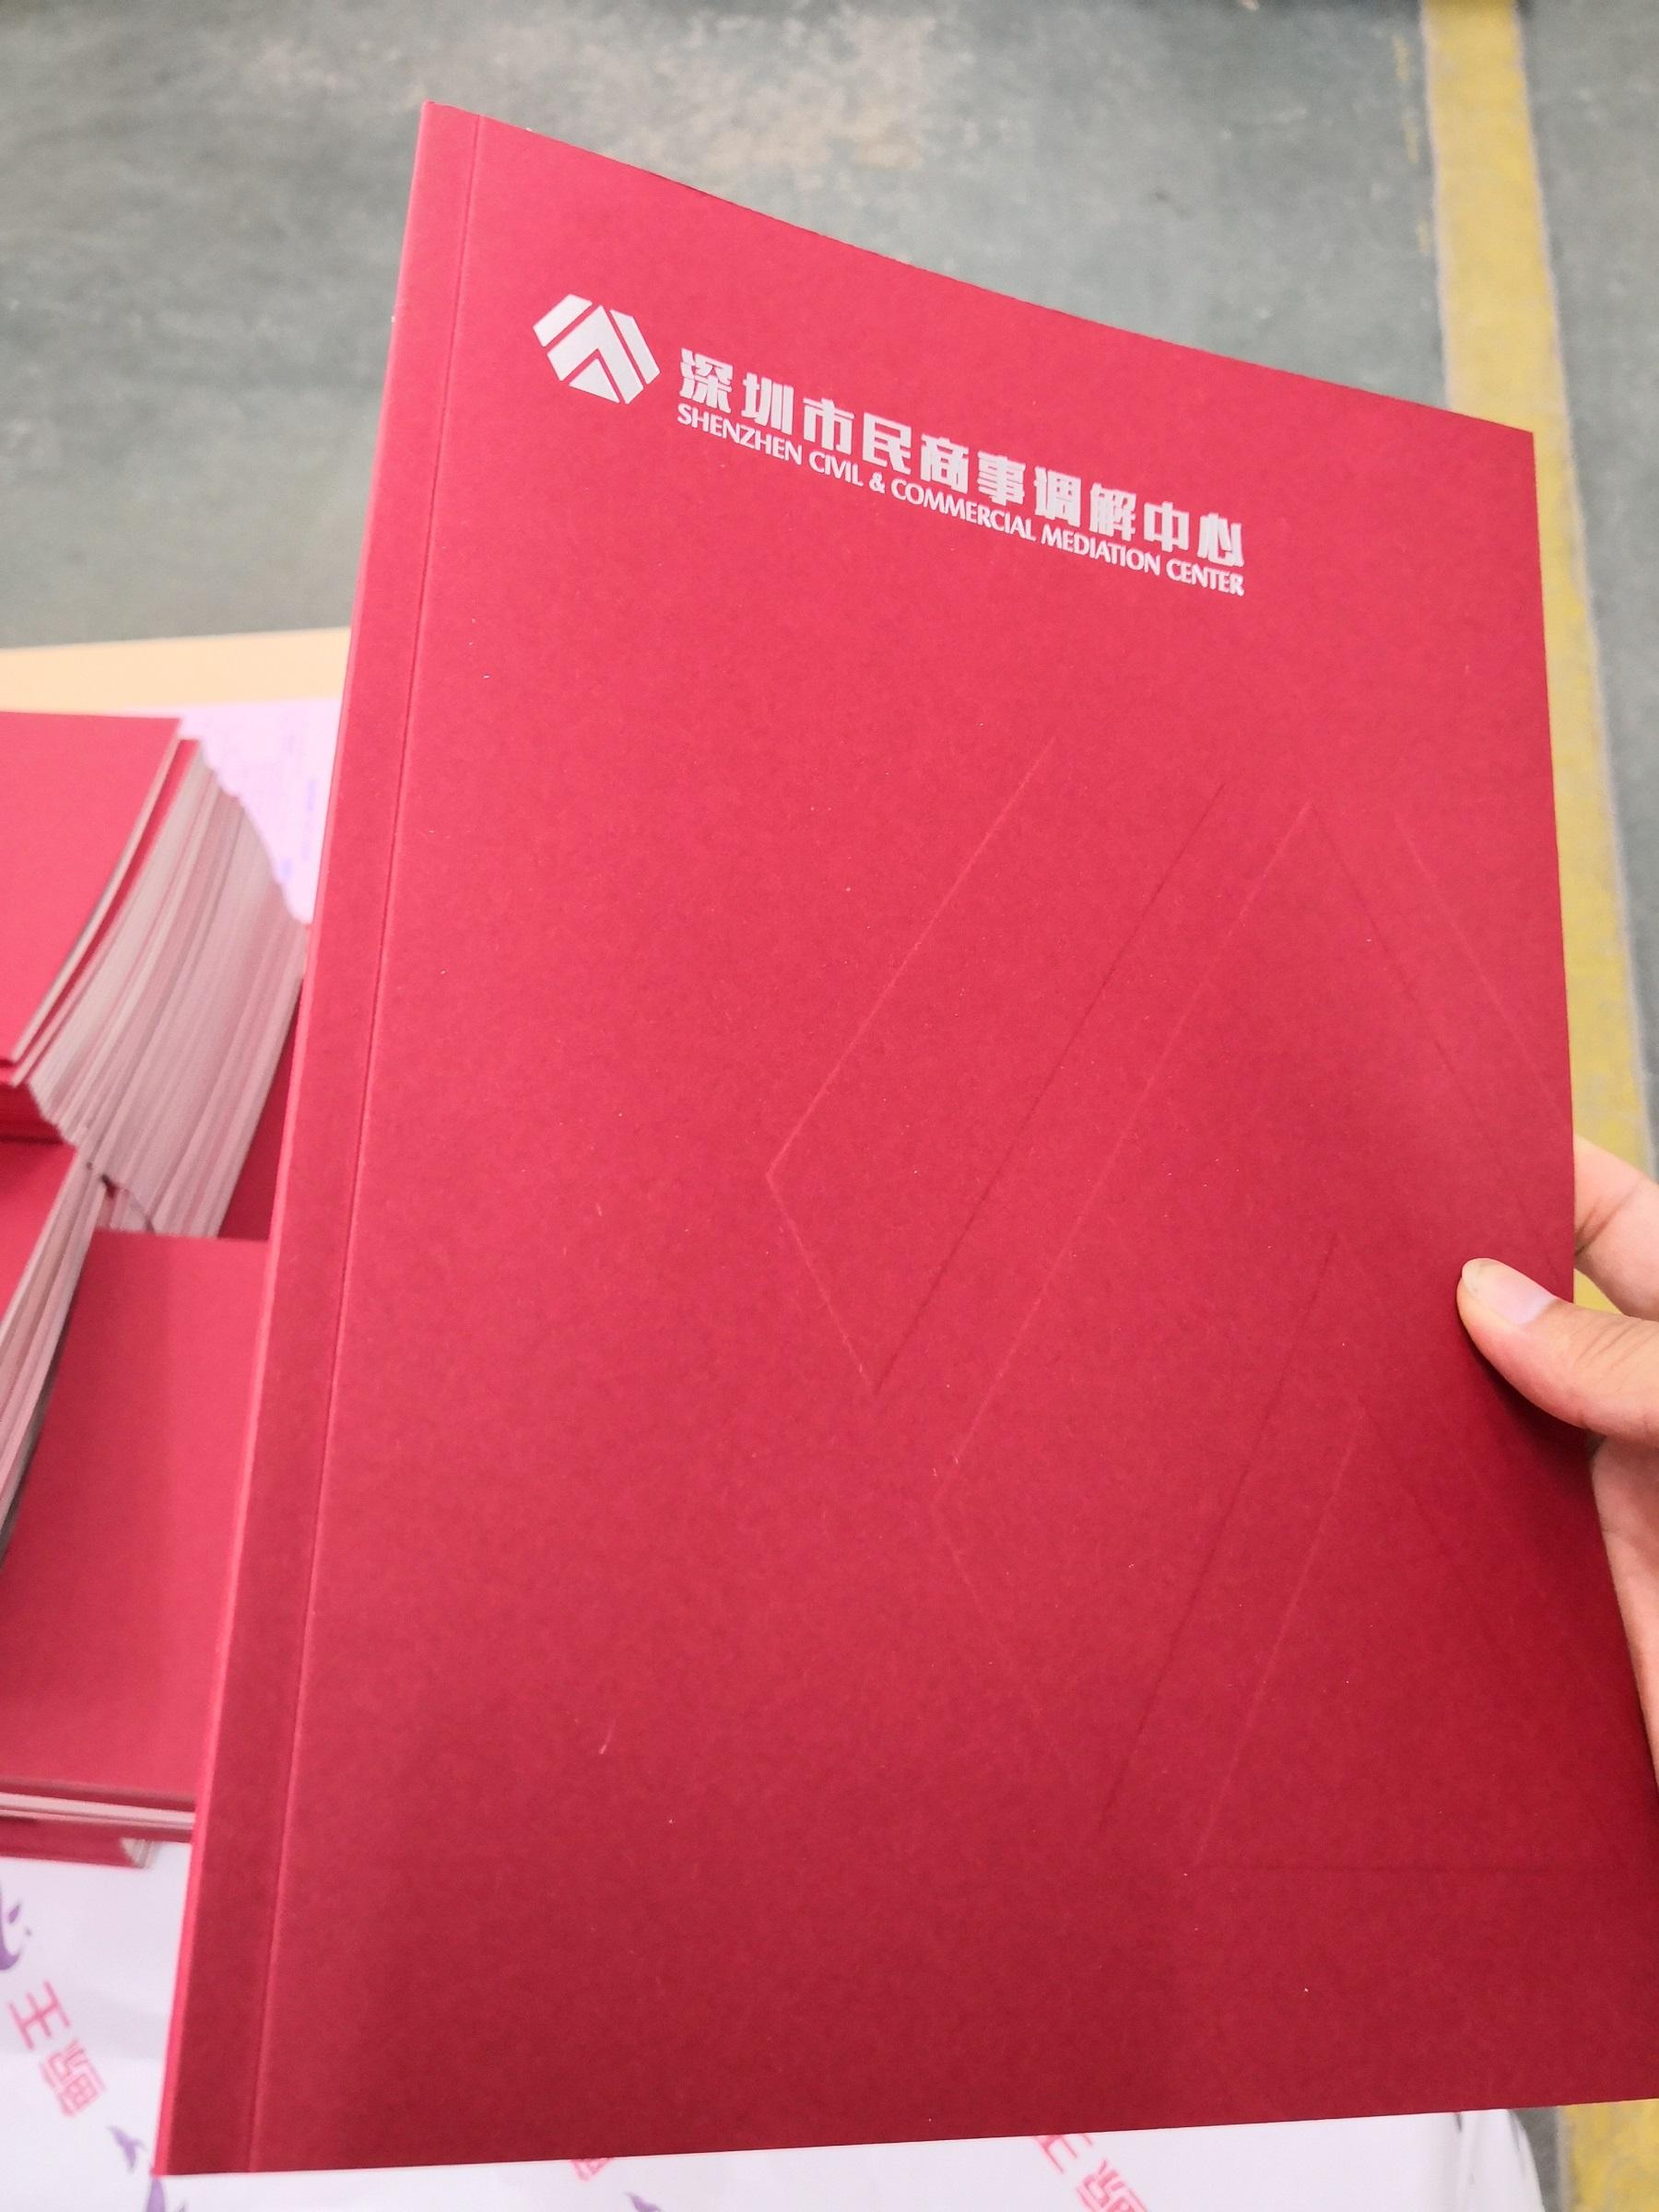 西藏点读笔书刊印刷触碰出声图书印刷专业制造品质精良